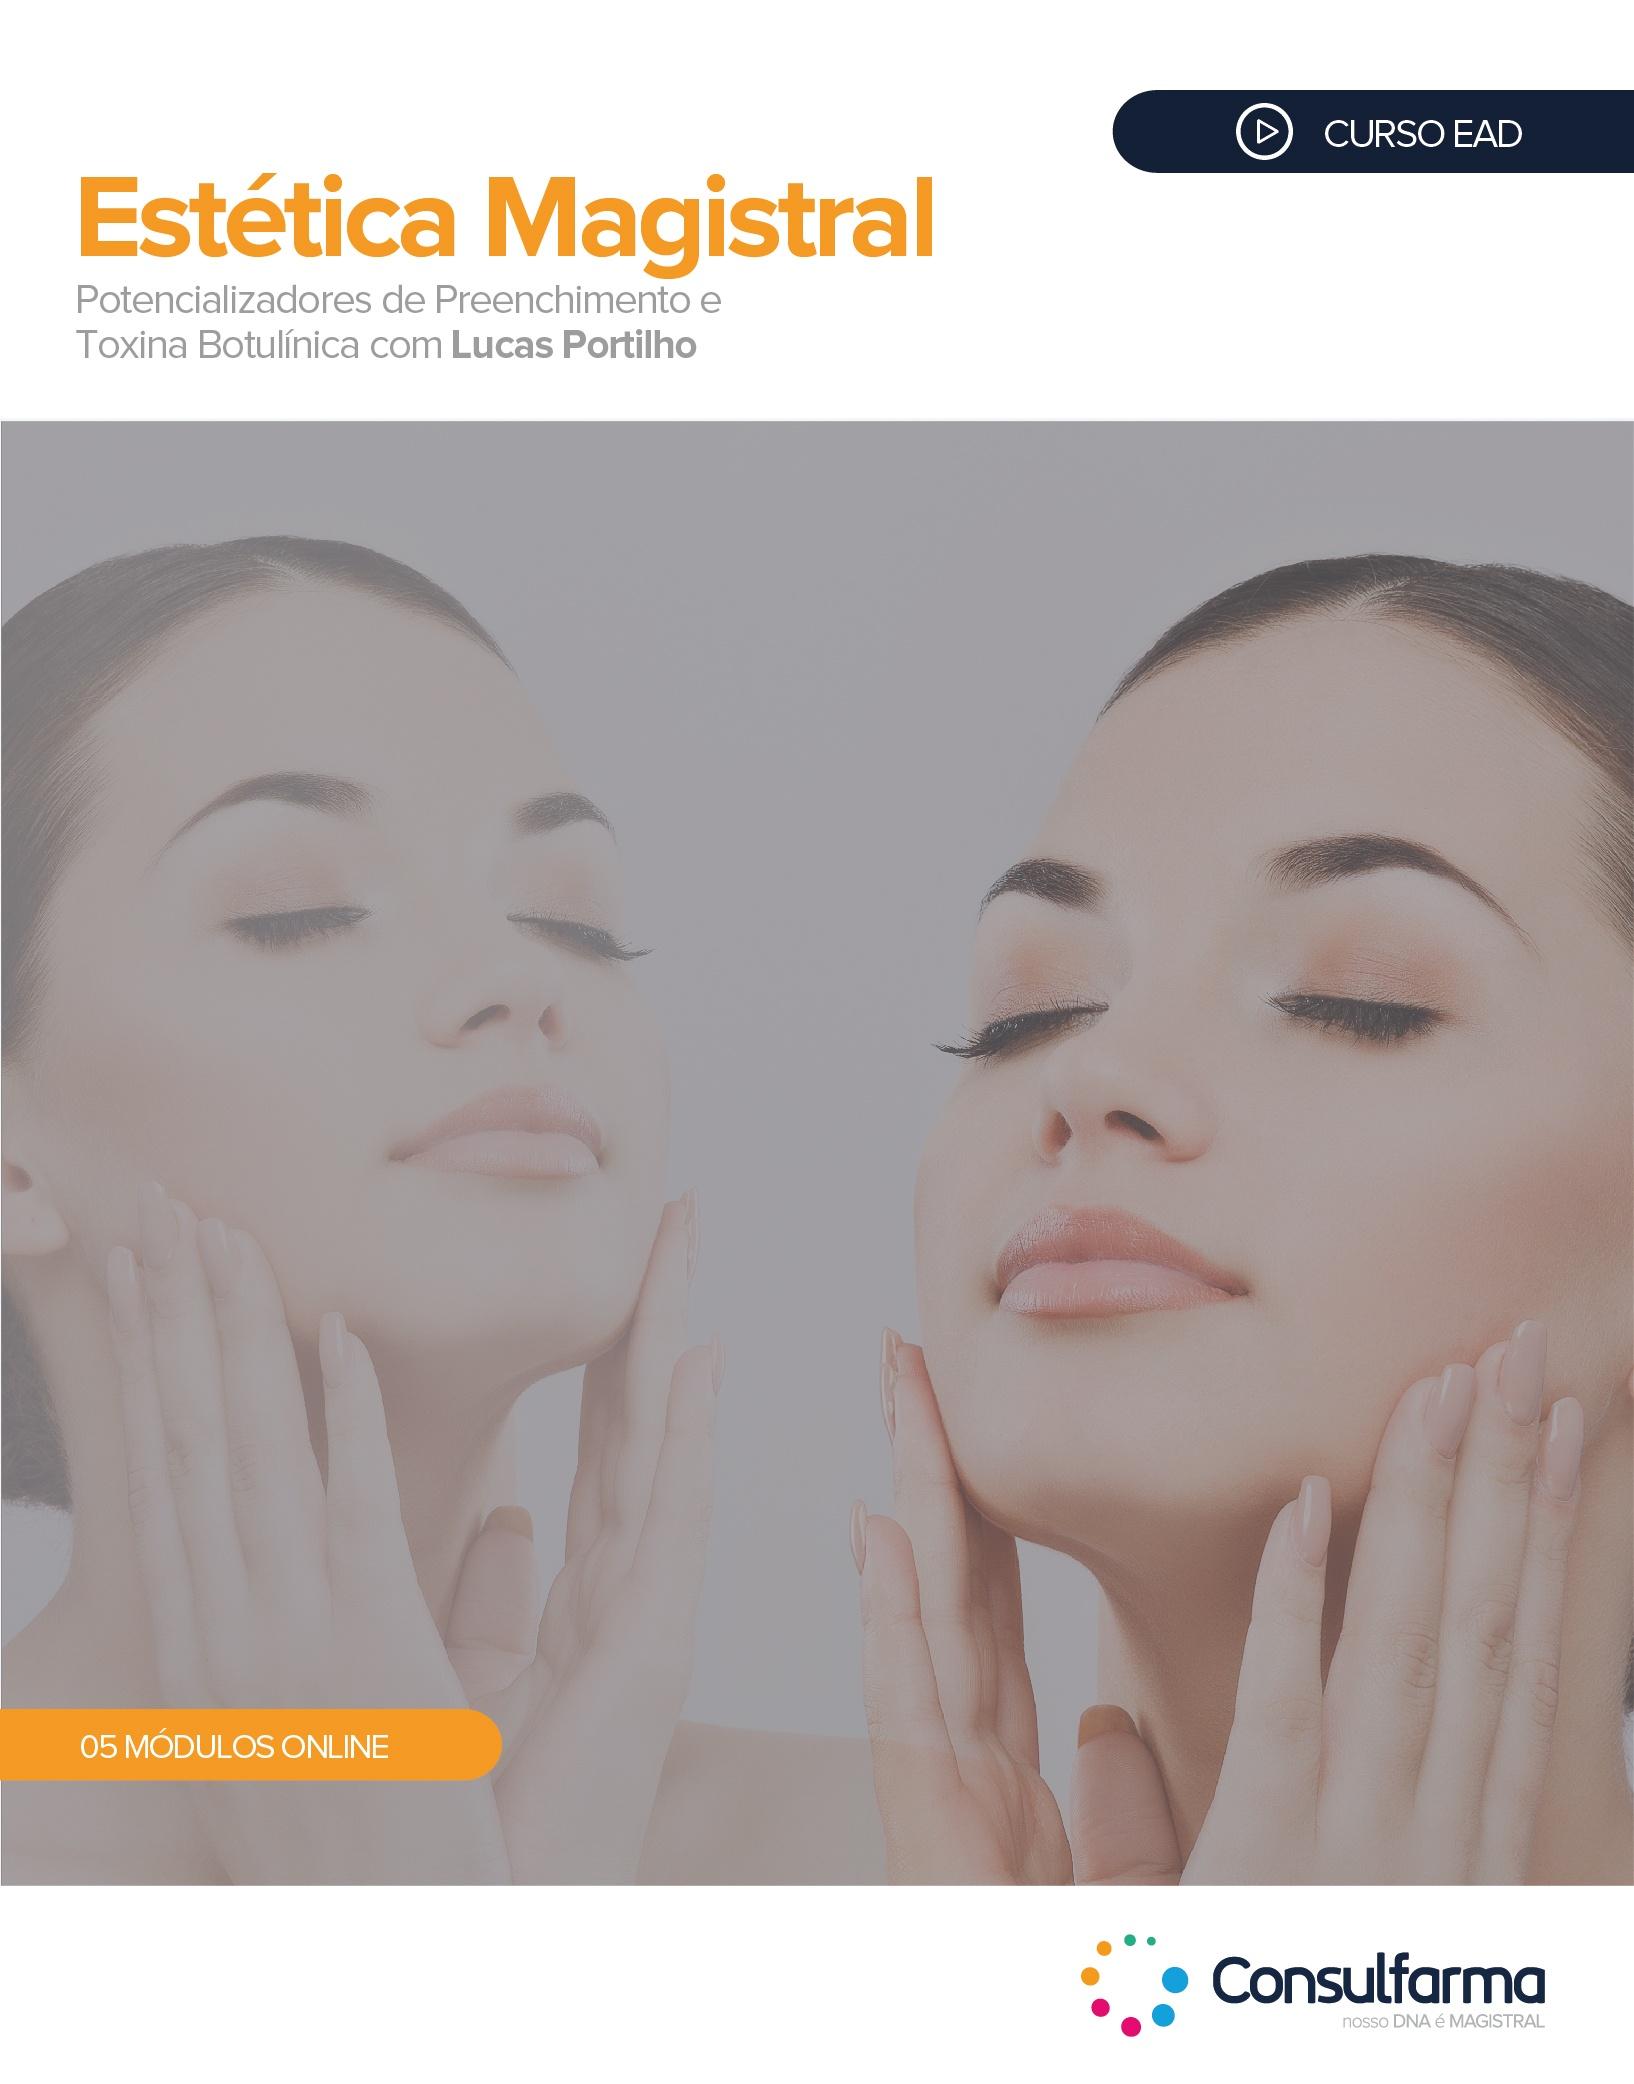 Estética Magistral - Potencializadores de Preenchimento e Toxina Botulínica